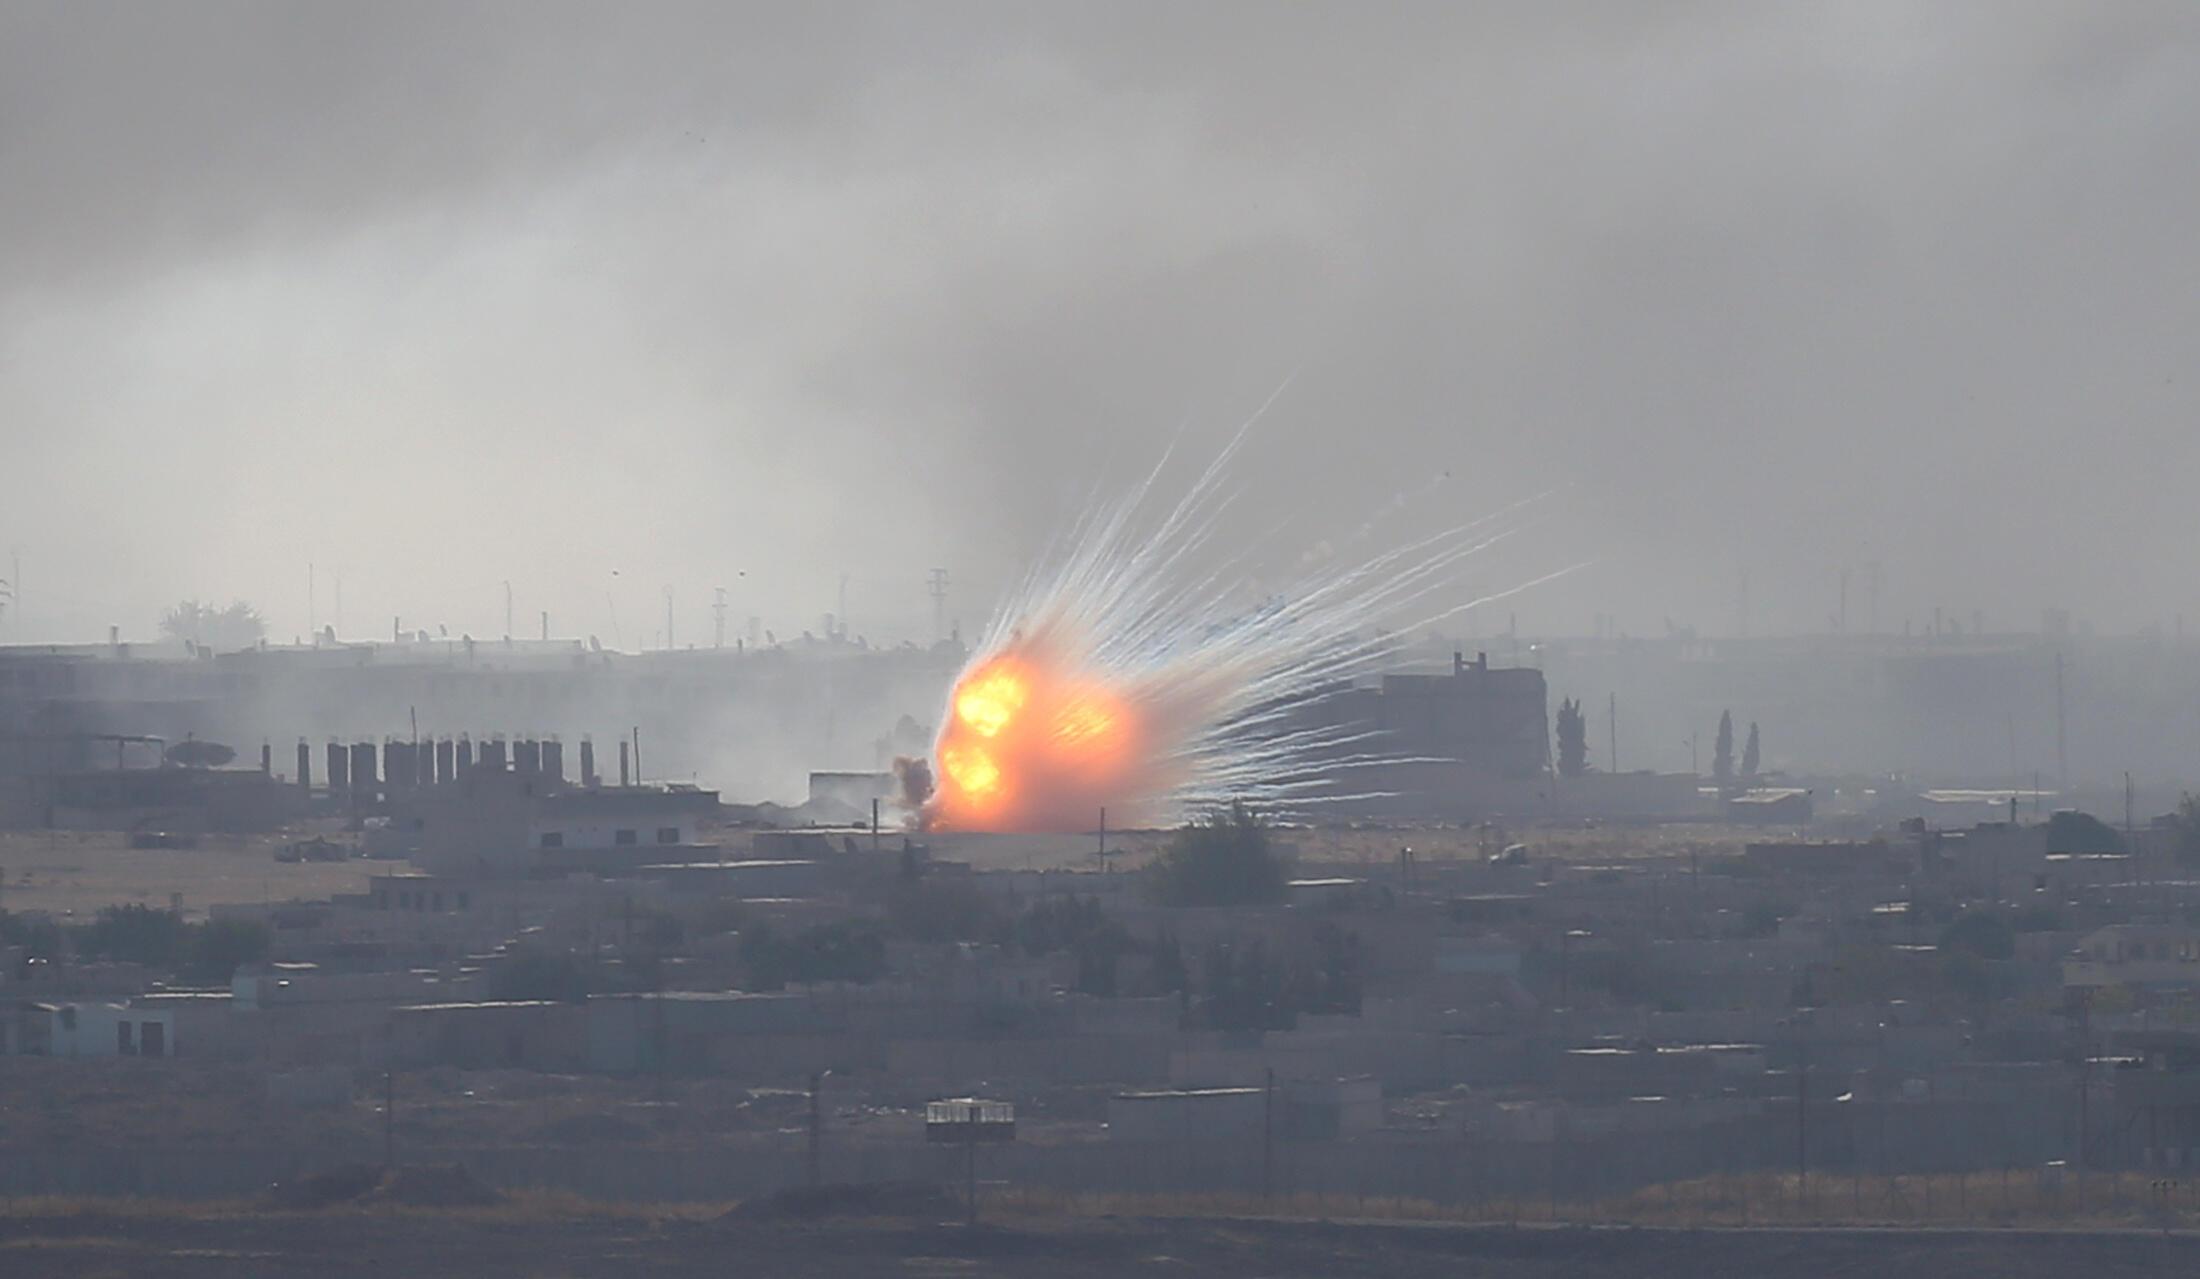 Des explosions dans la ville de Ras Al Aïn, vue depuis Ceylanpinar en Turquie, ce samedi 11 octobre 2019.